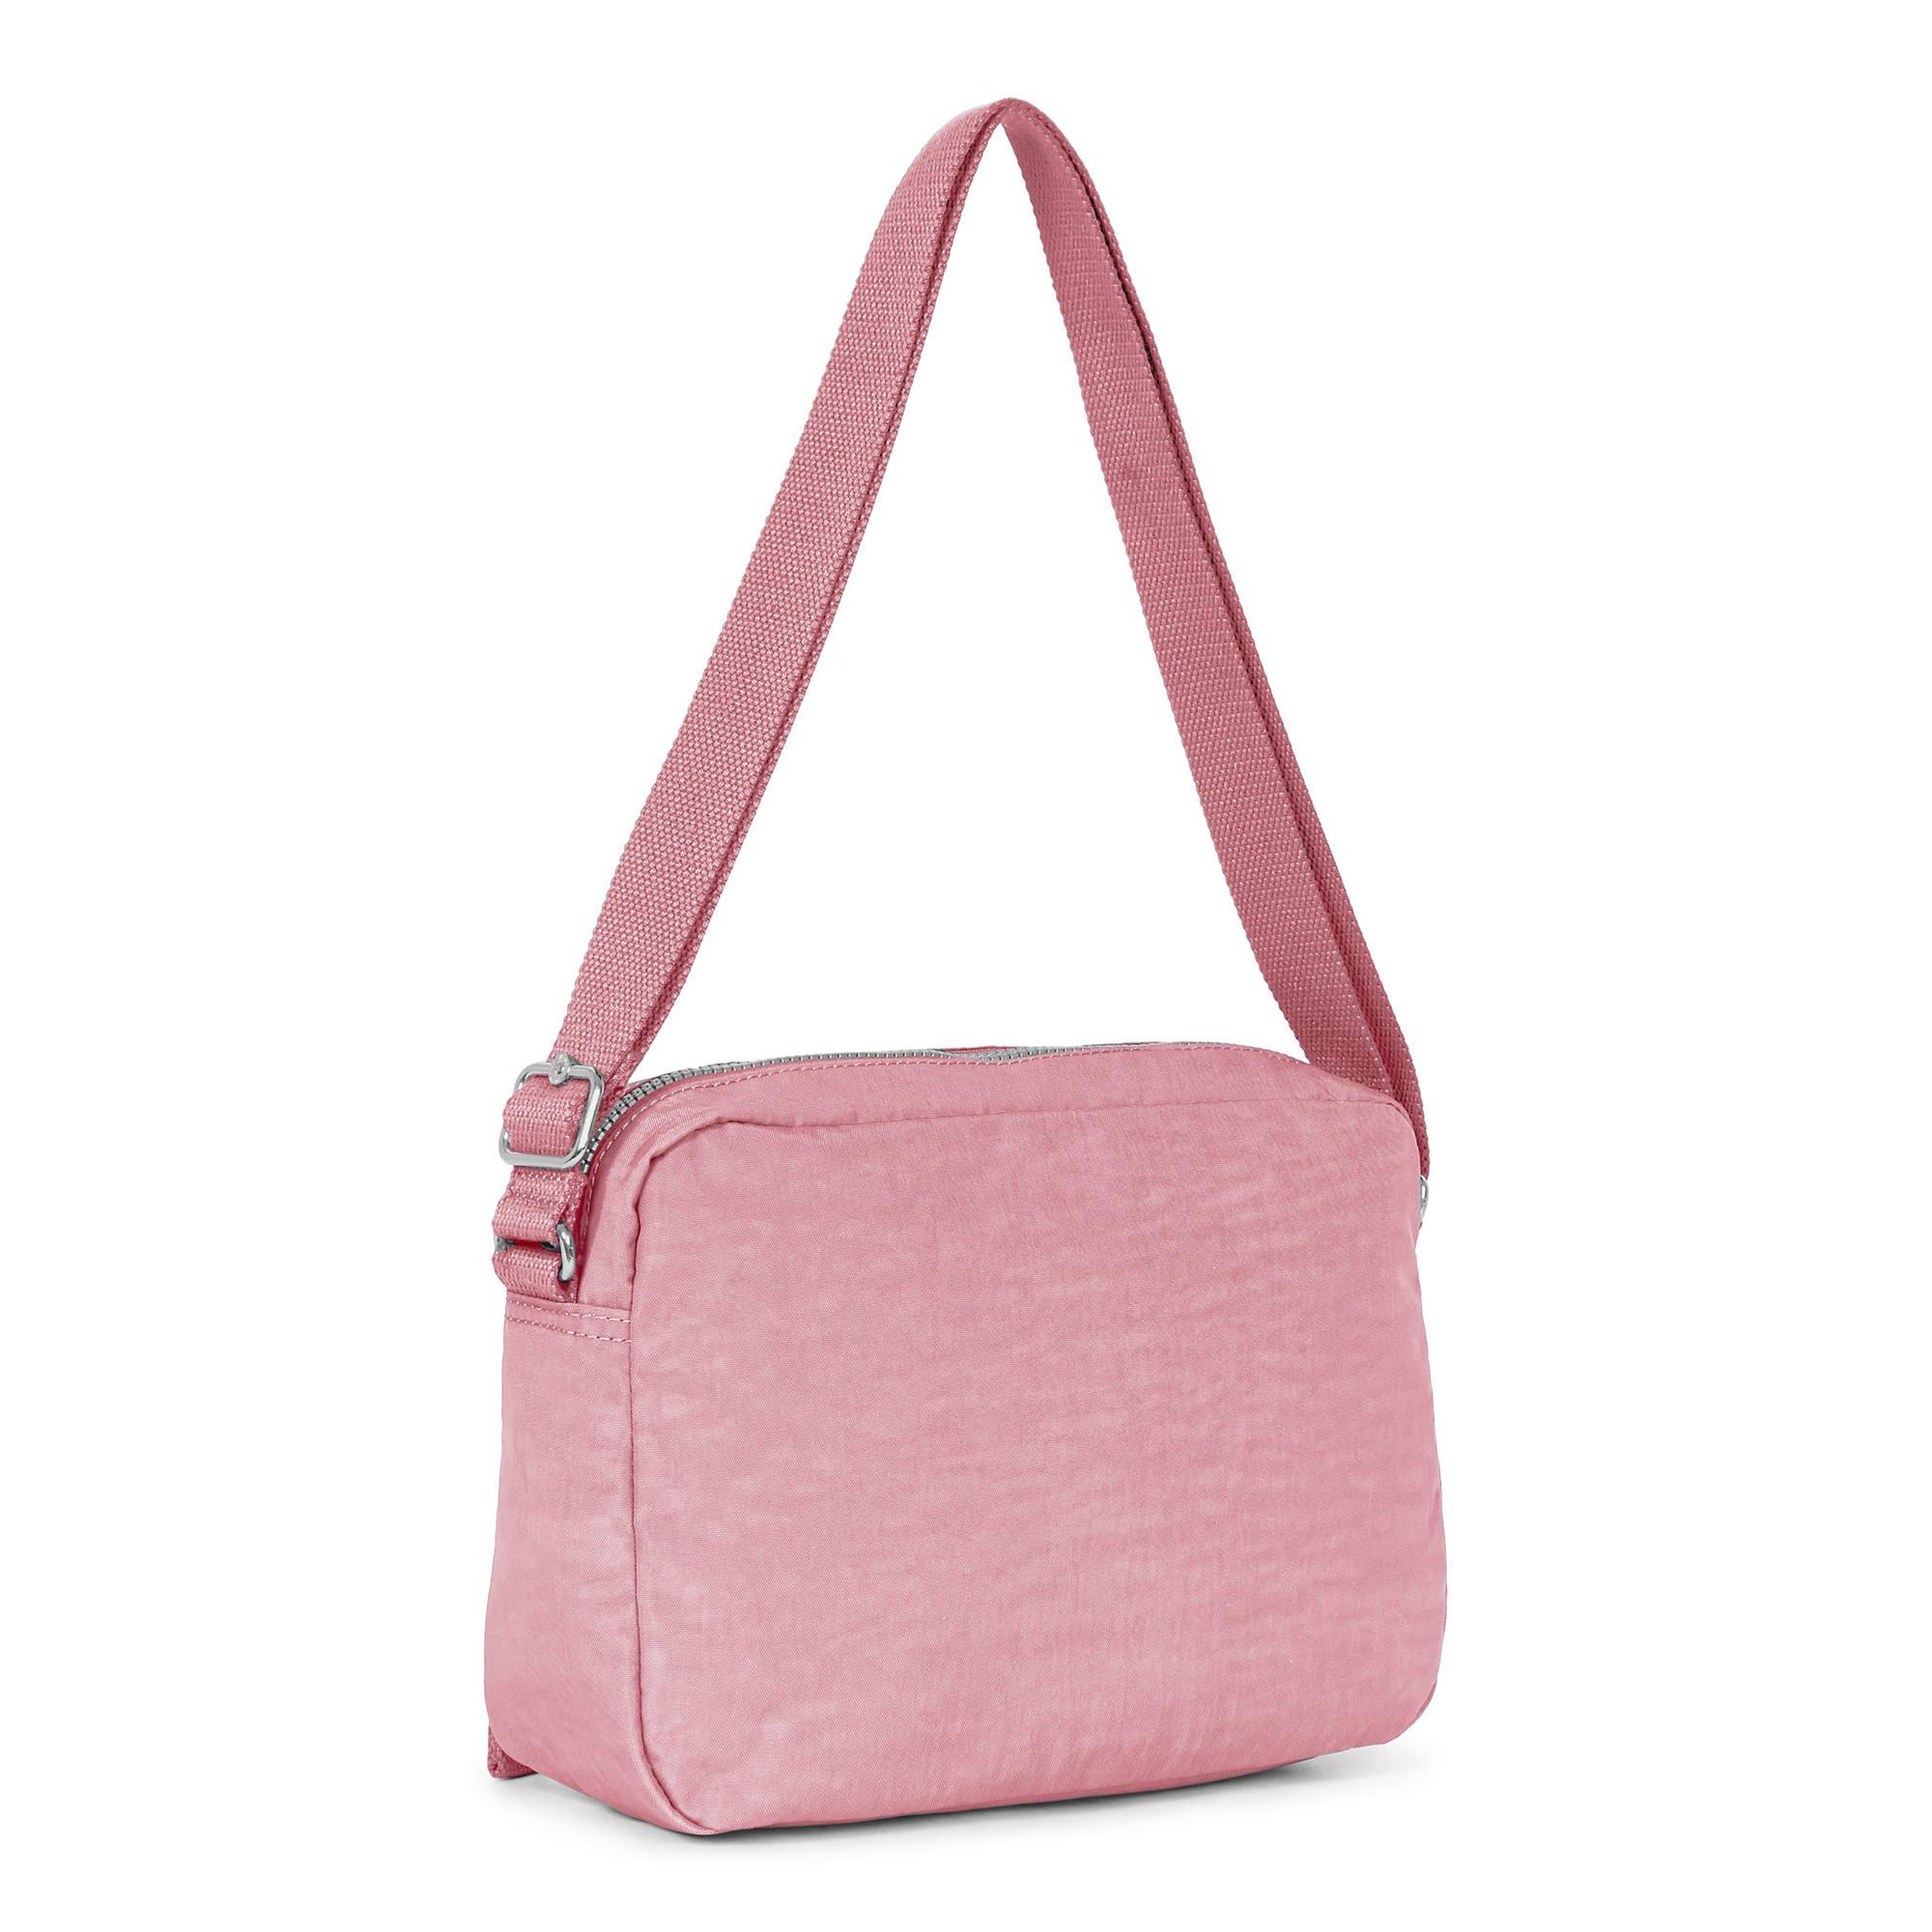 Gracy Crossbody Bag  c4e69489fc57b